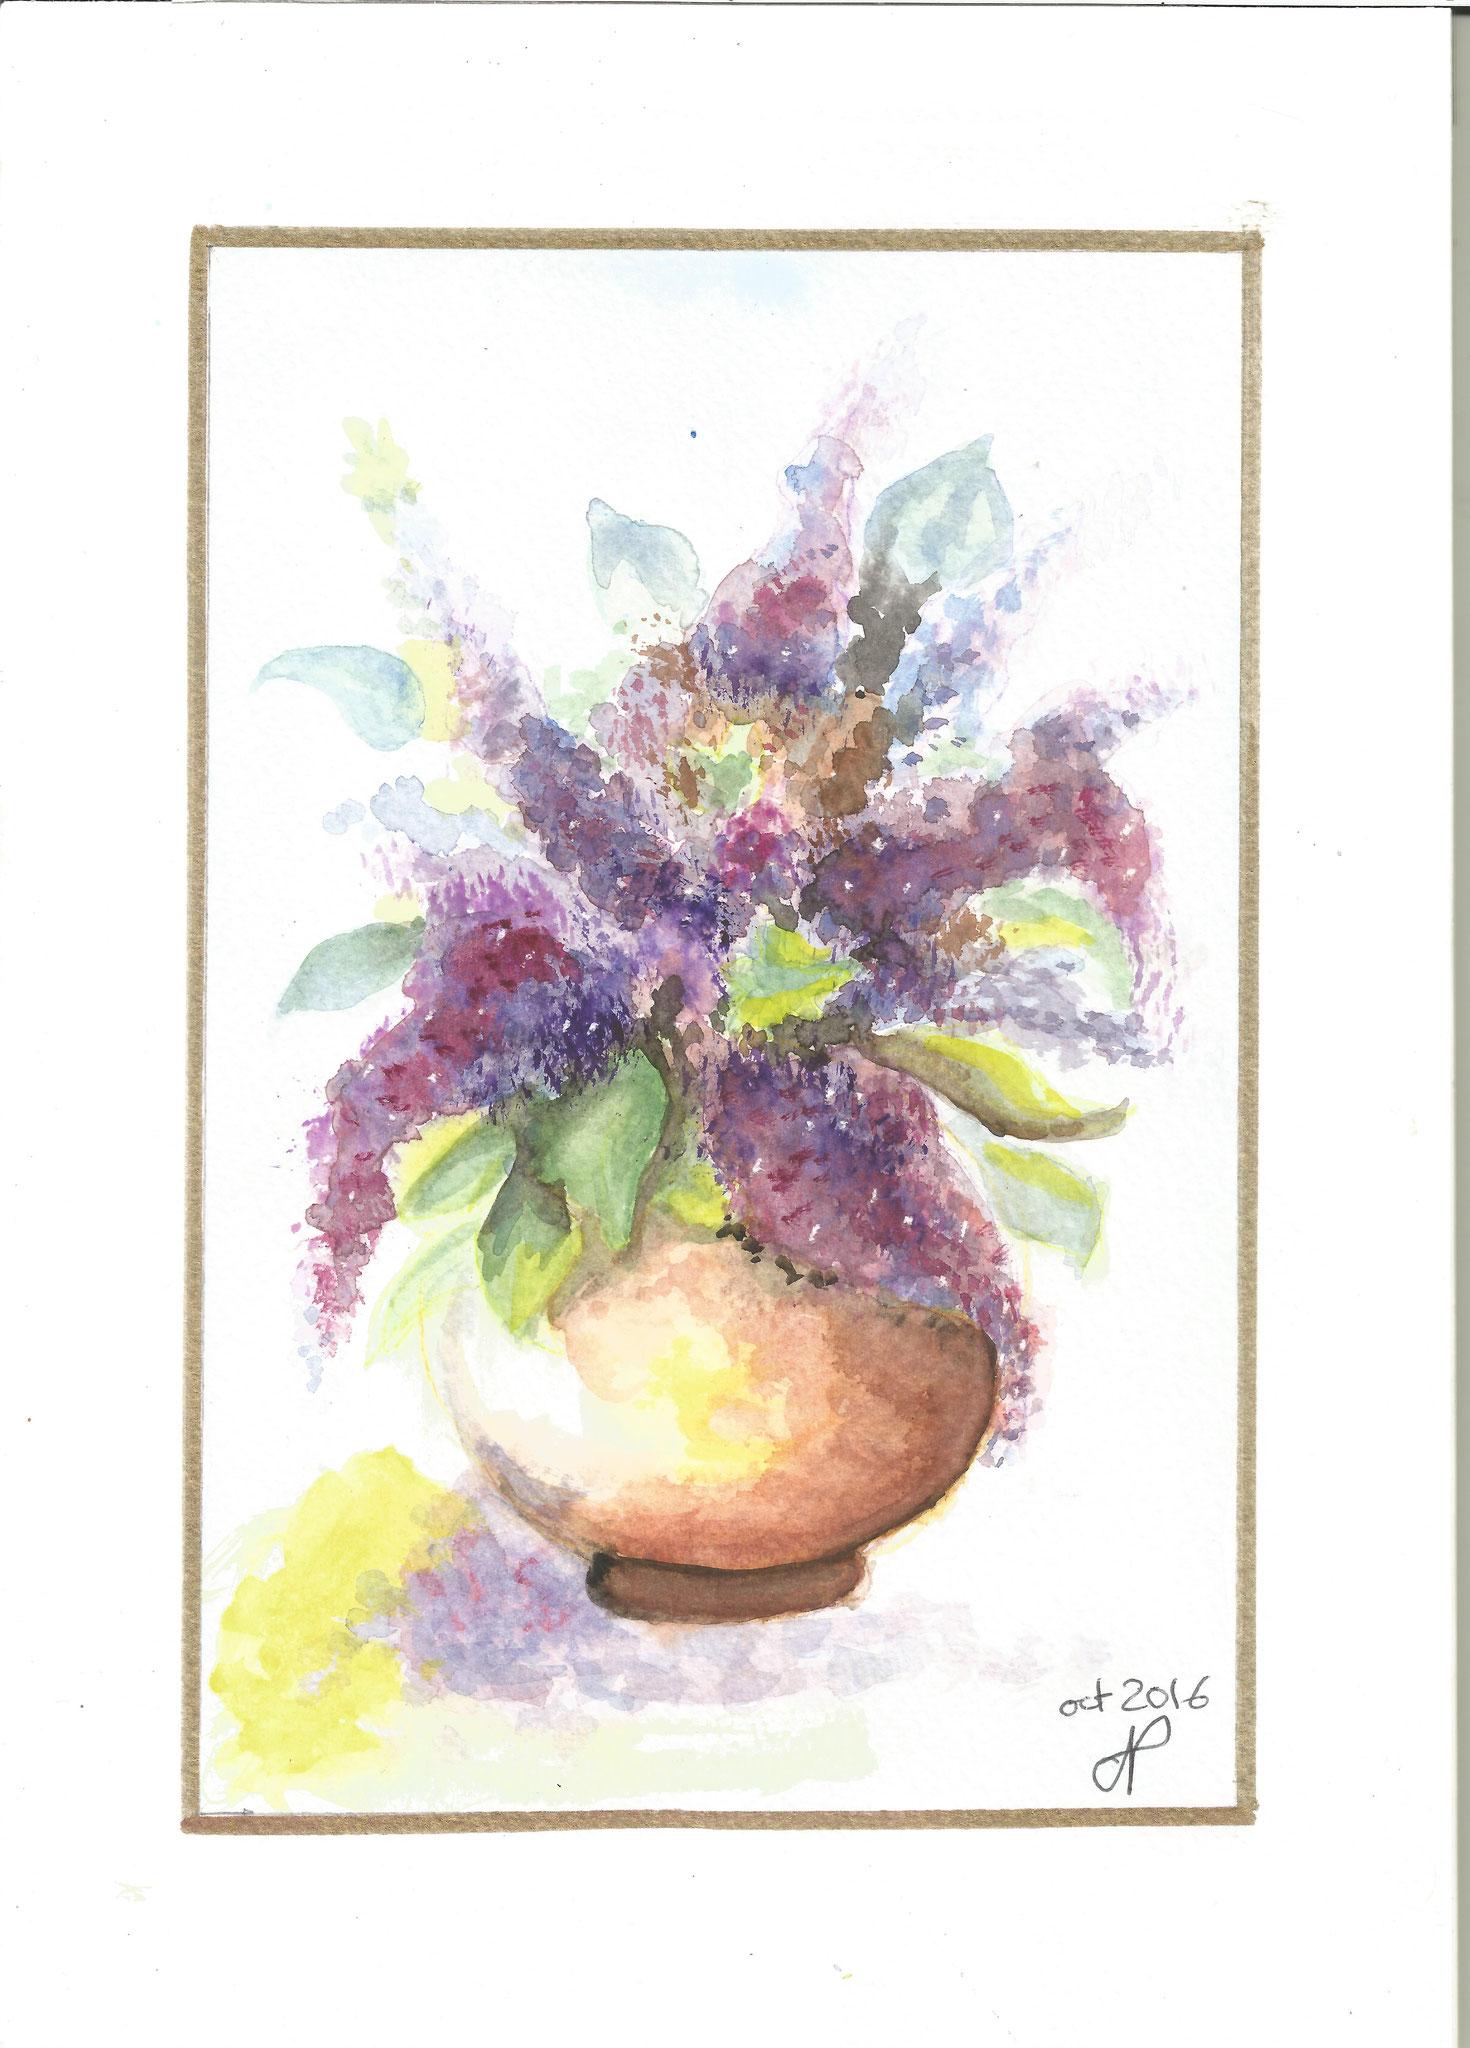 Bouquet mauve aquarelle oct 2016 Janine